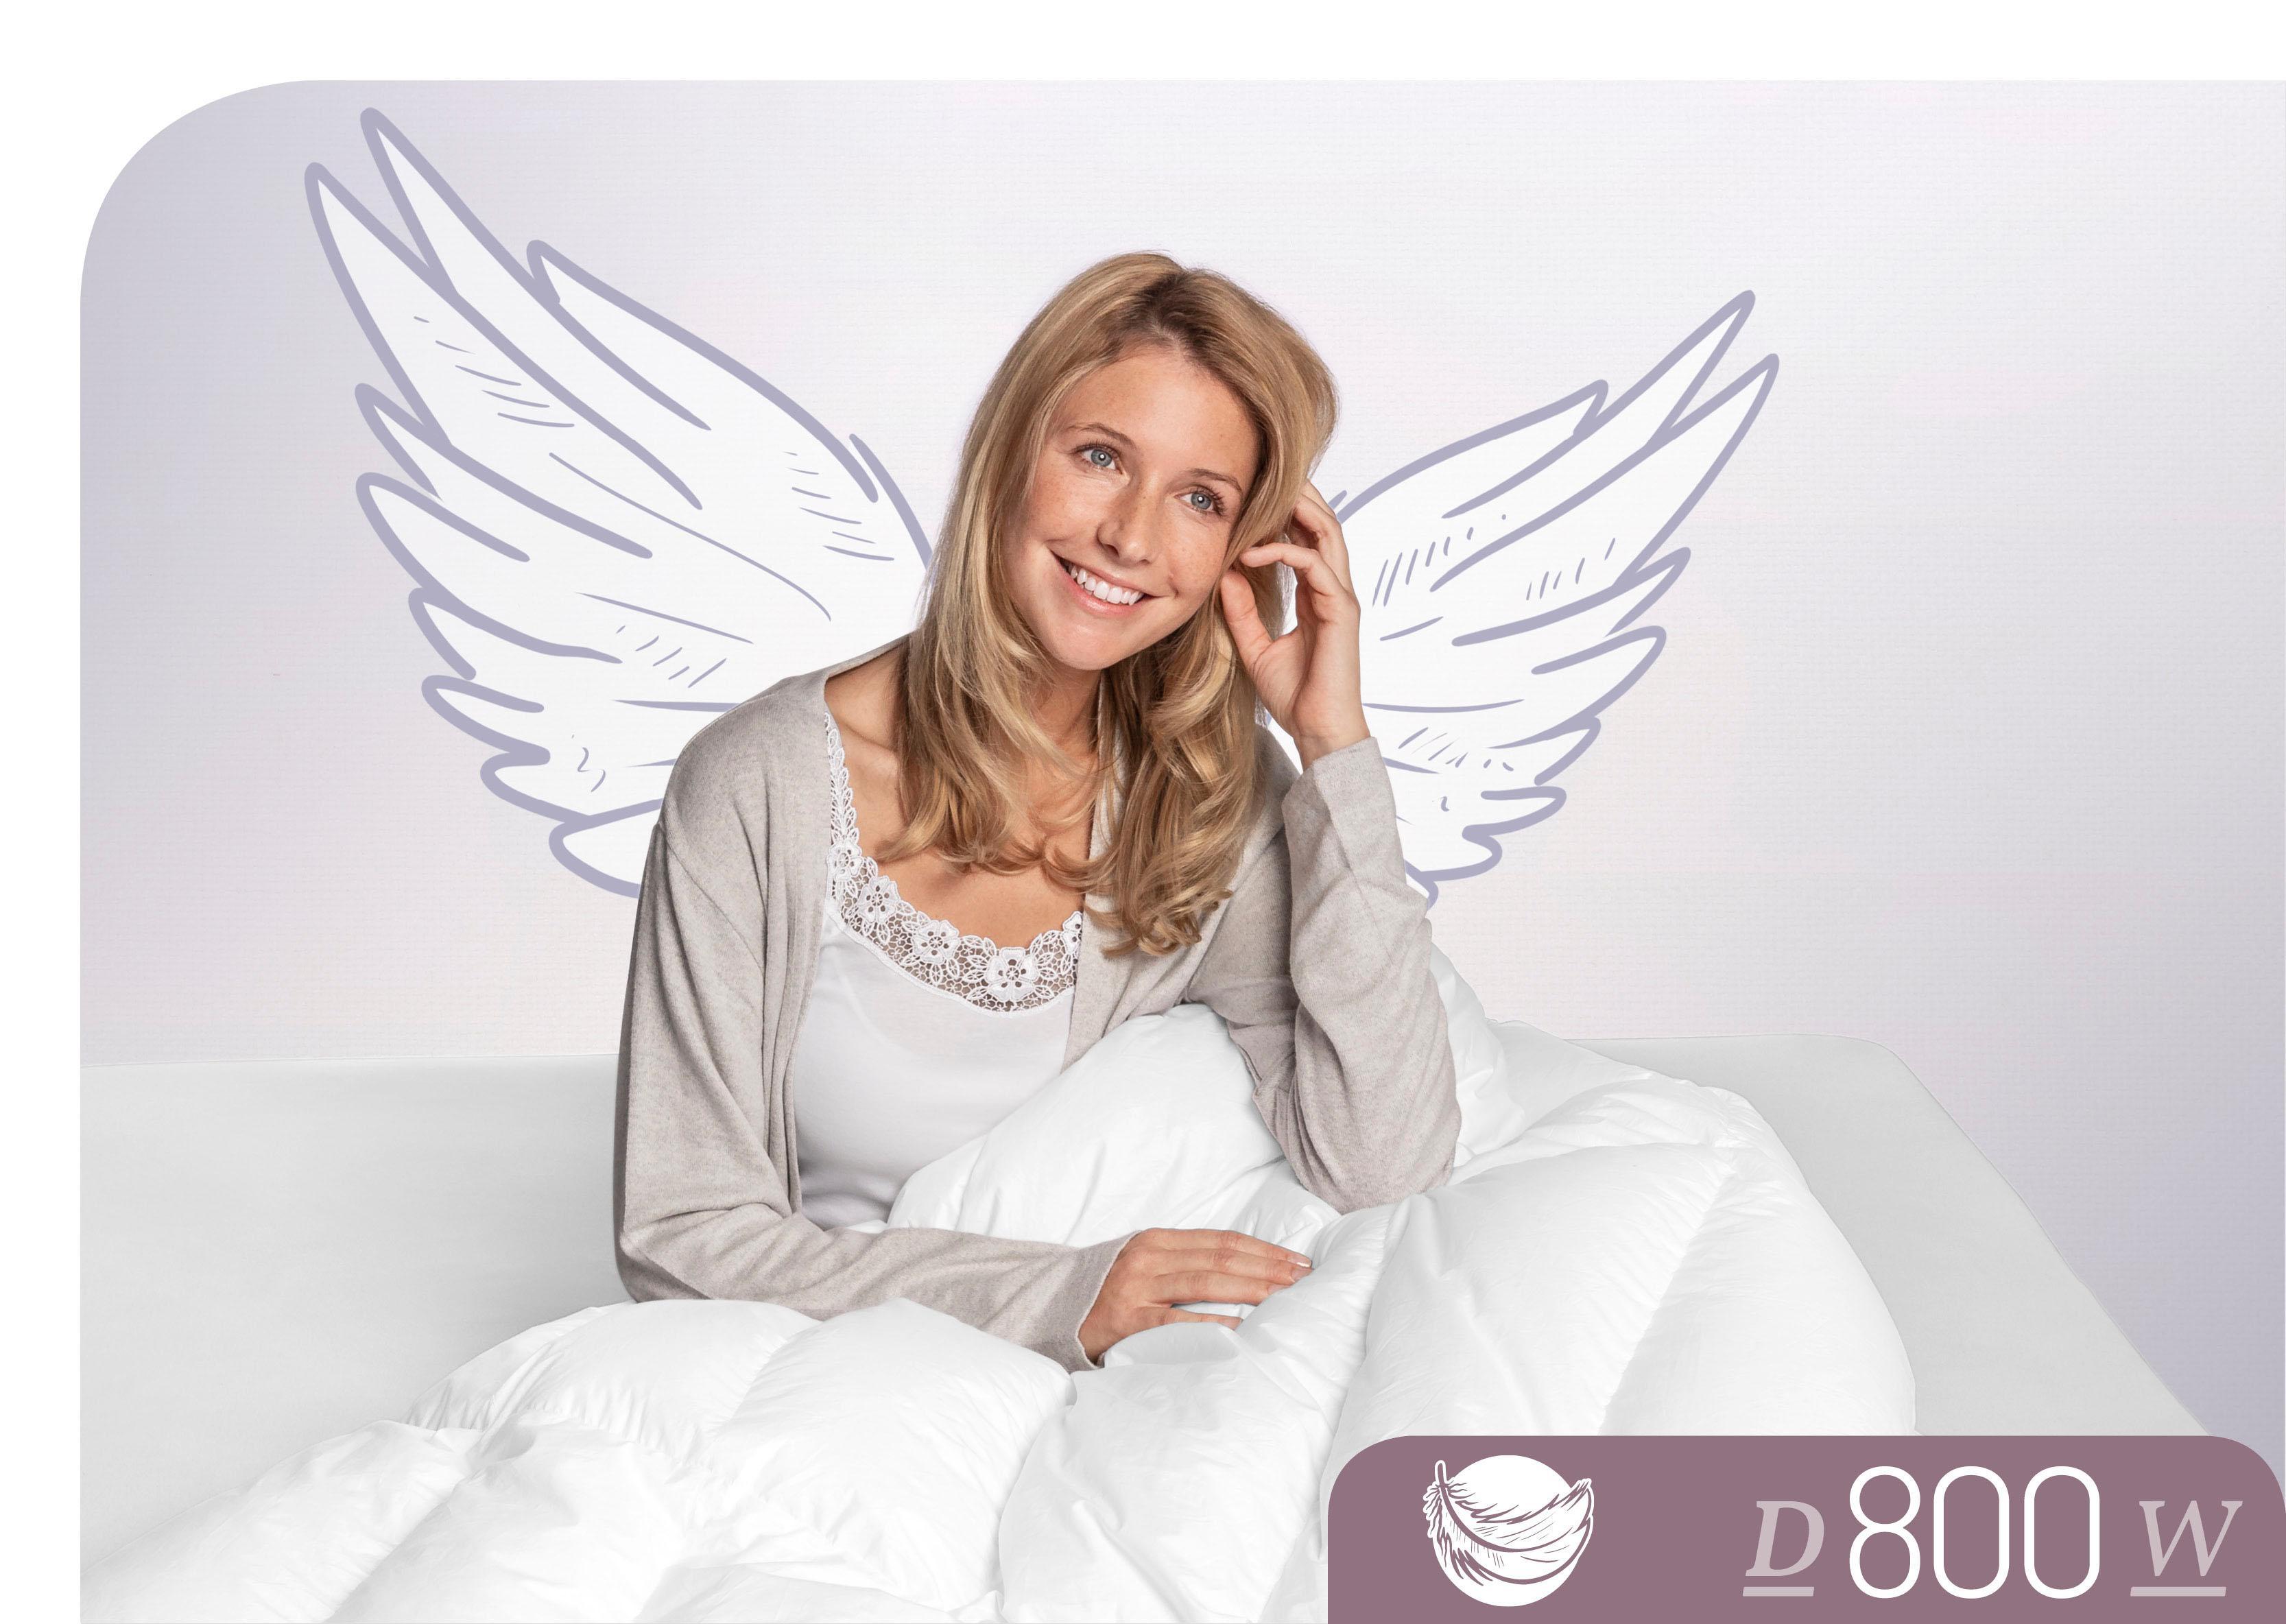 Daunenbettdecke D800 Schlafstil warm Füllung: 100% Gänsedaunen Bezug: 100% Baumwolle